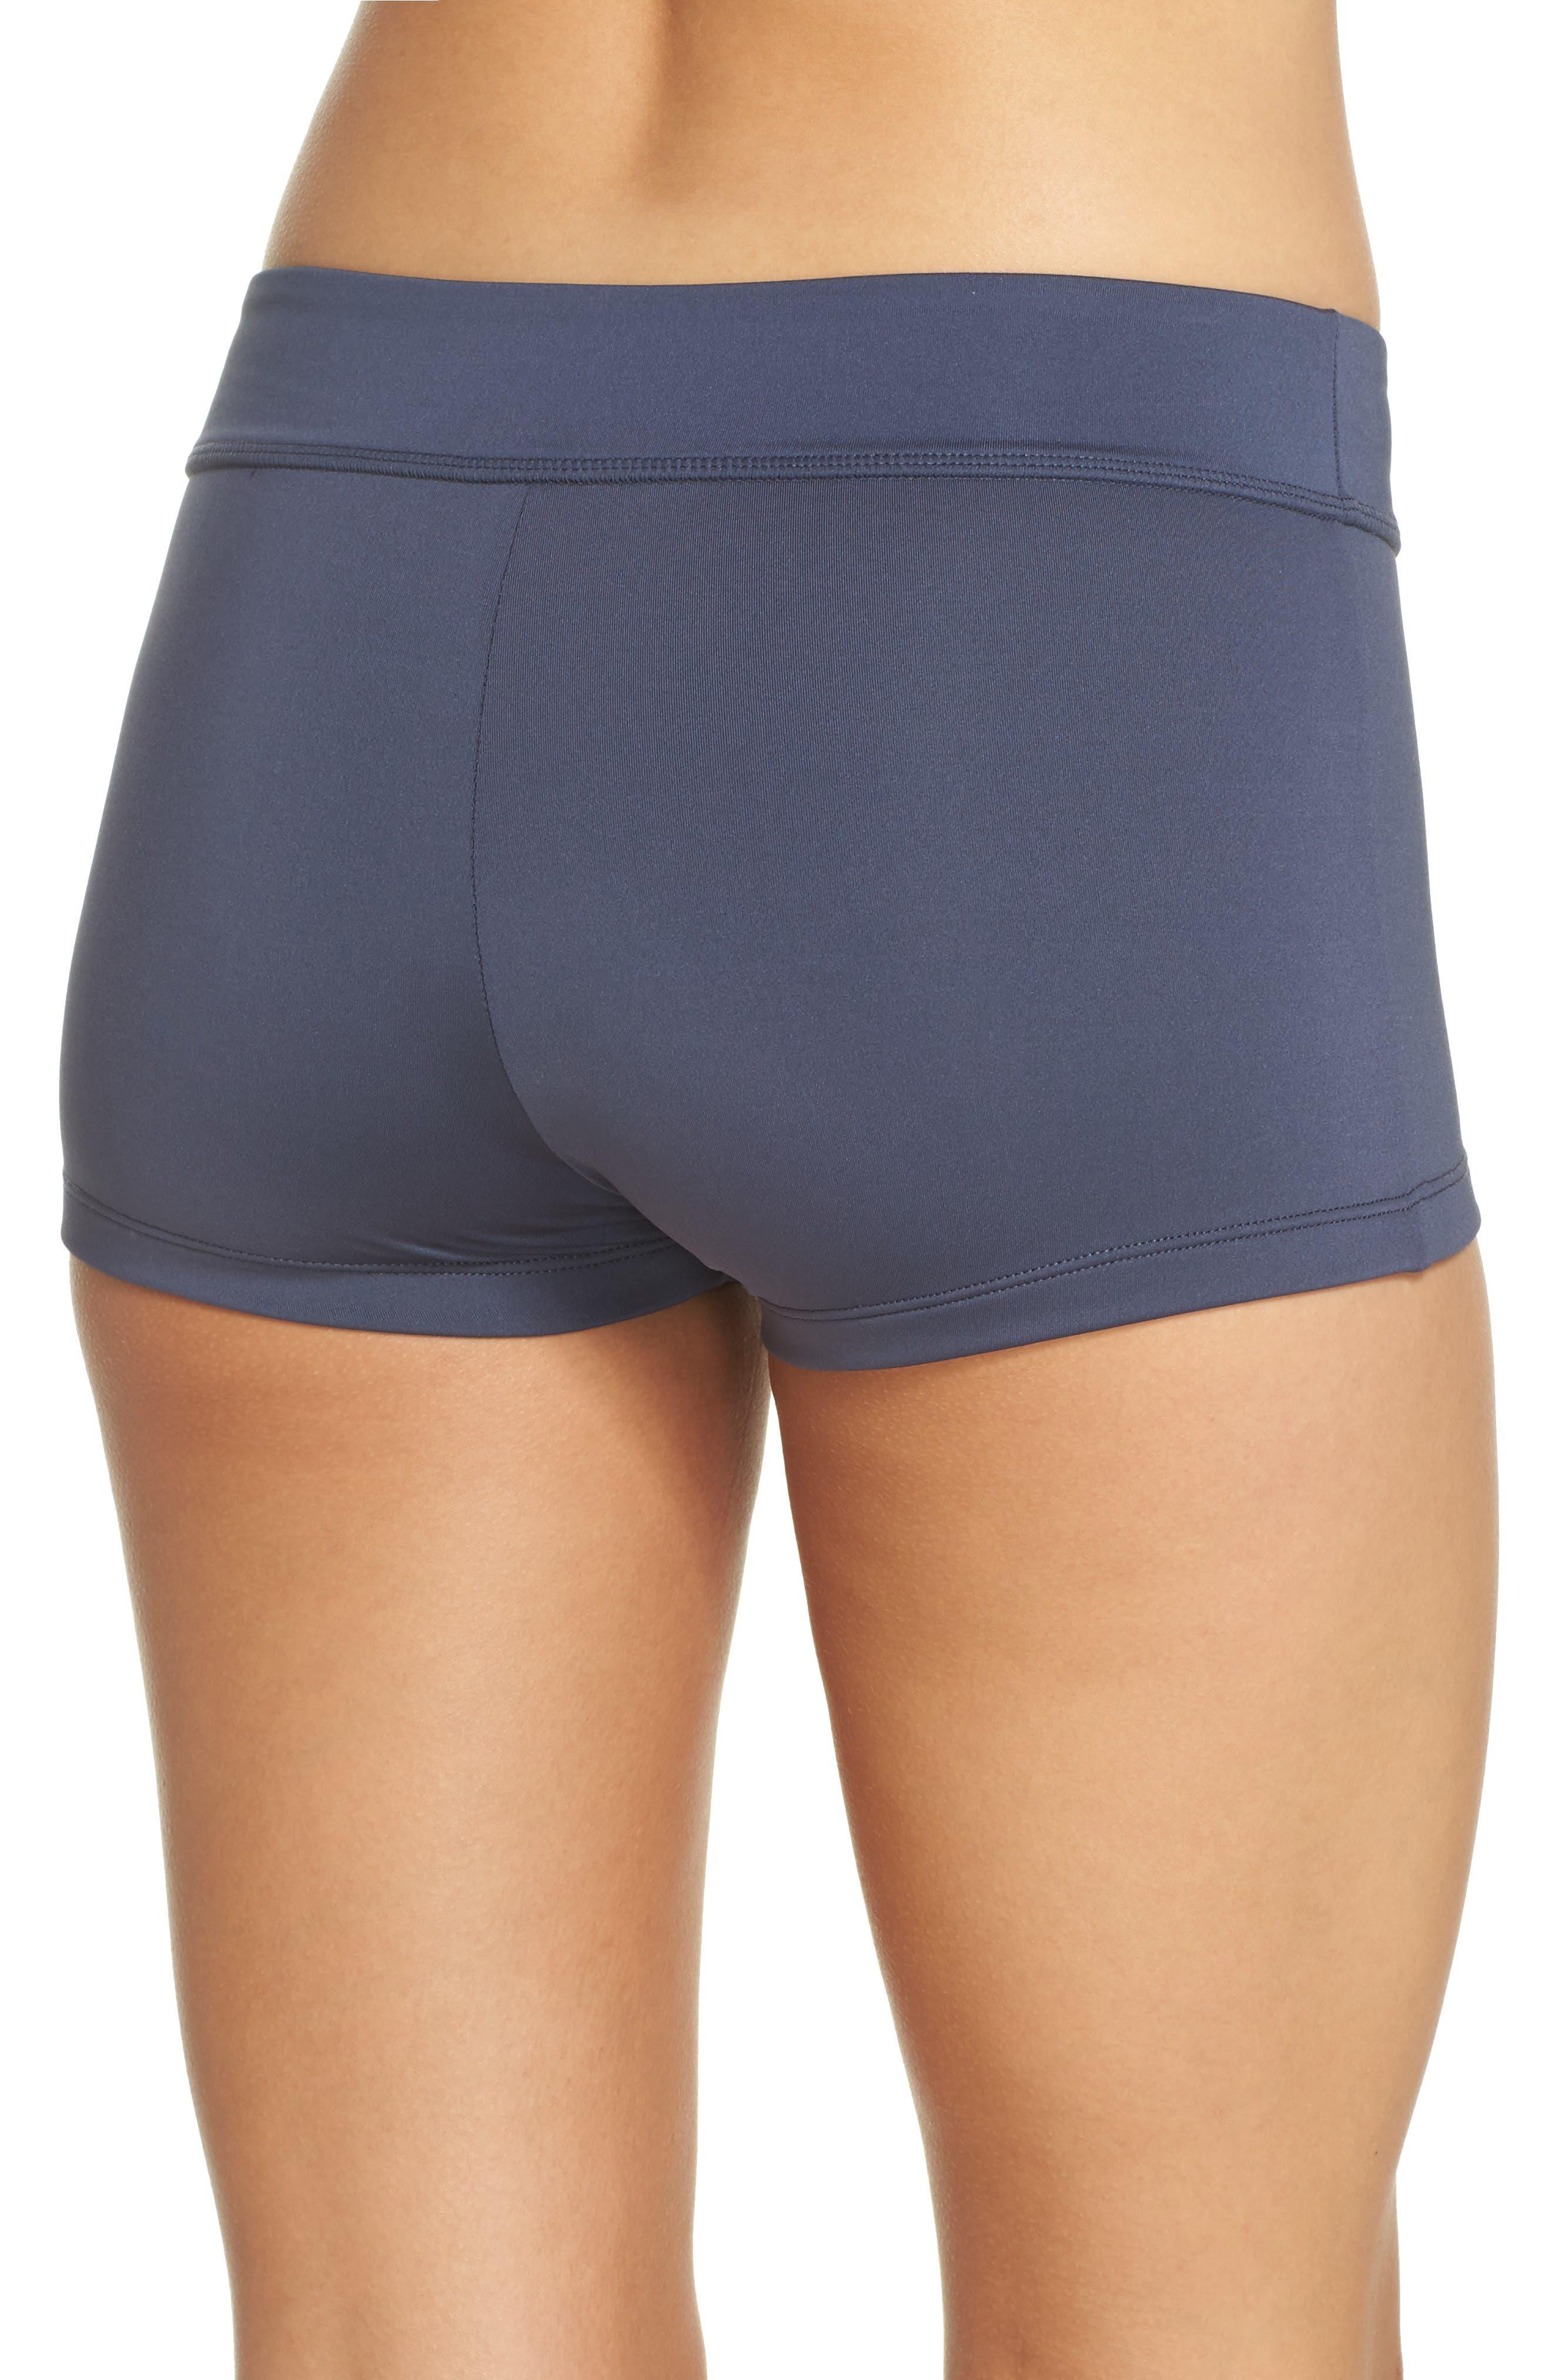 Swim Kick Shorts,                             Alternate thumbnail 4, color,